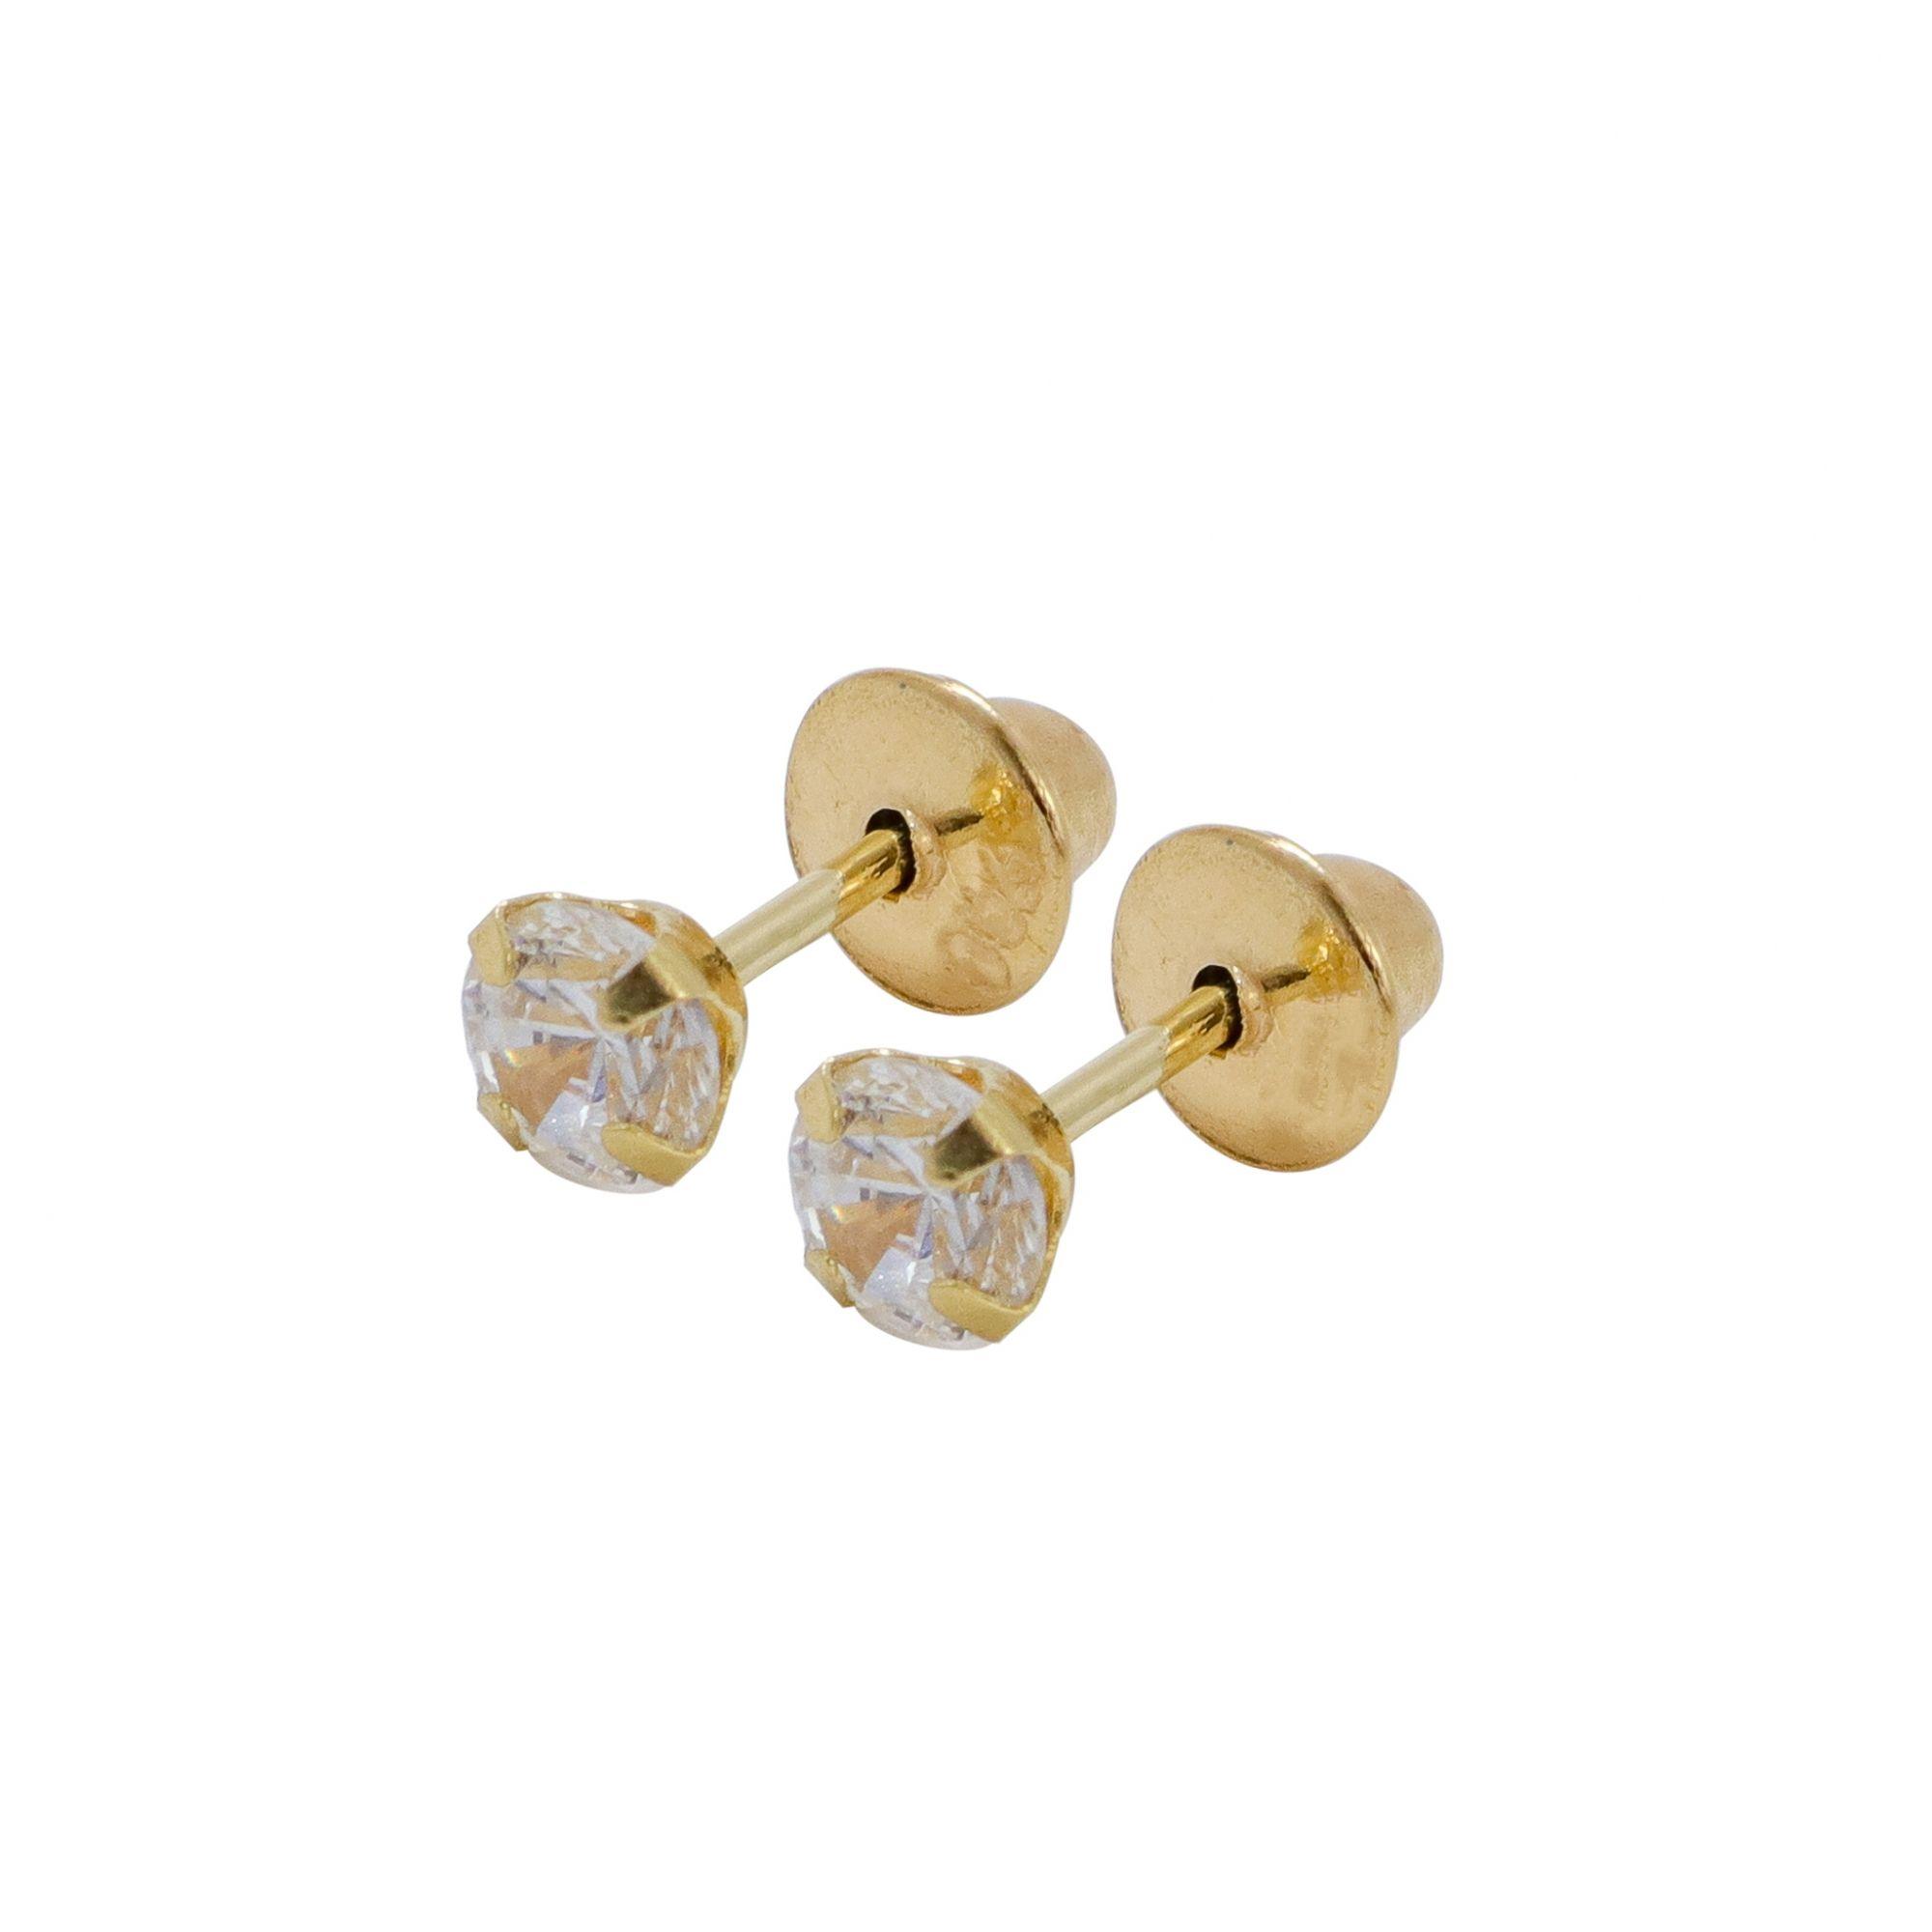 Brinco ouro 18k cálice com zircônia 3mm